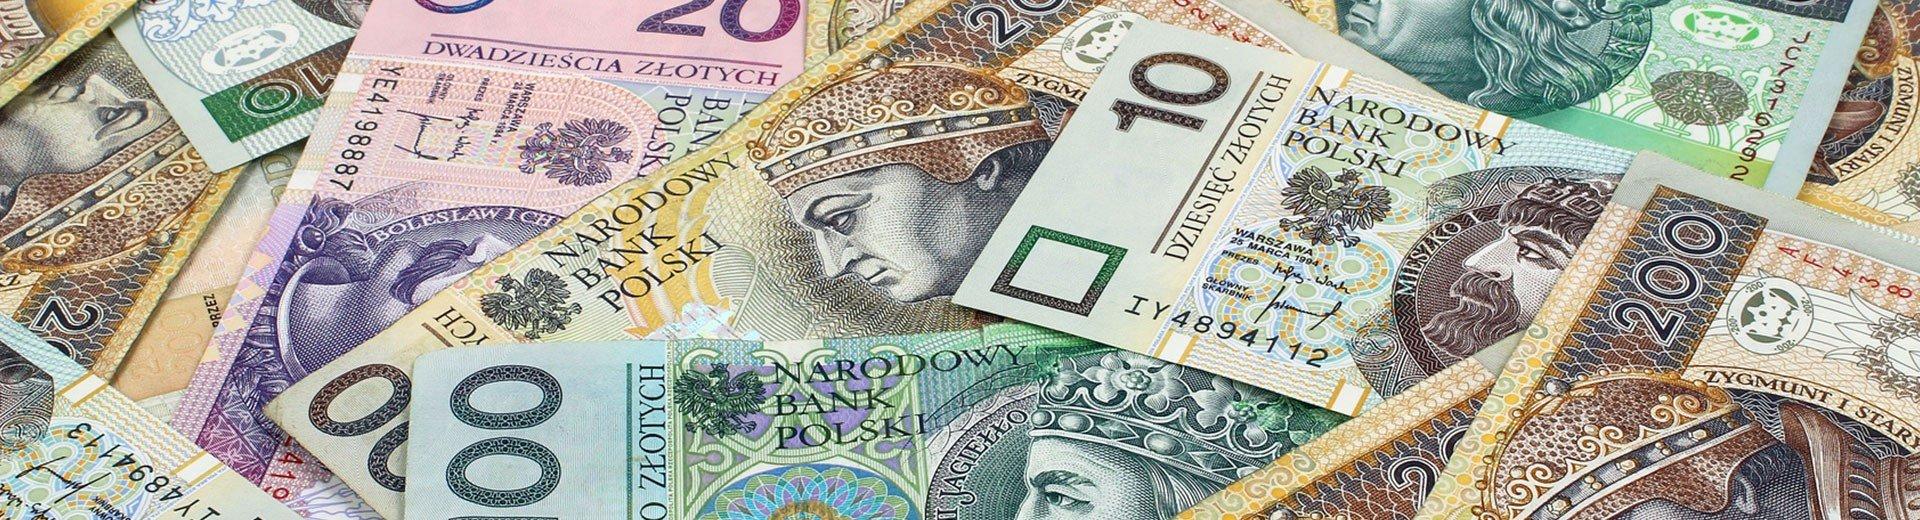 Okładka artykułu Używanie wizerunku polskich banknotów w reklamie? — Tylko za zgodą NBP!